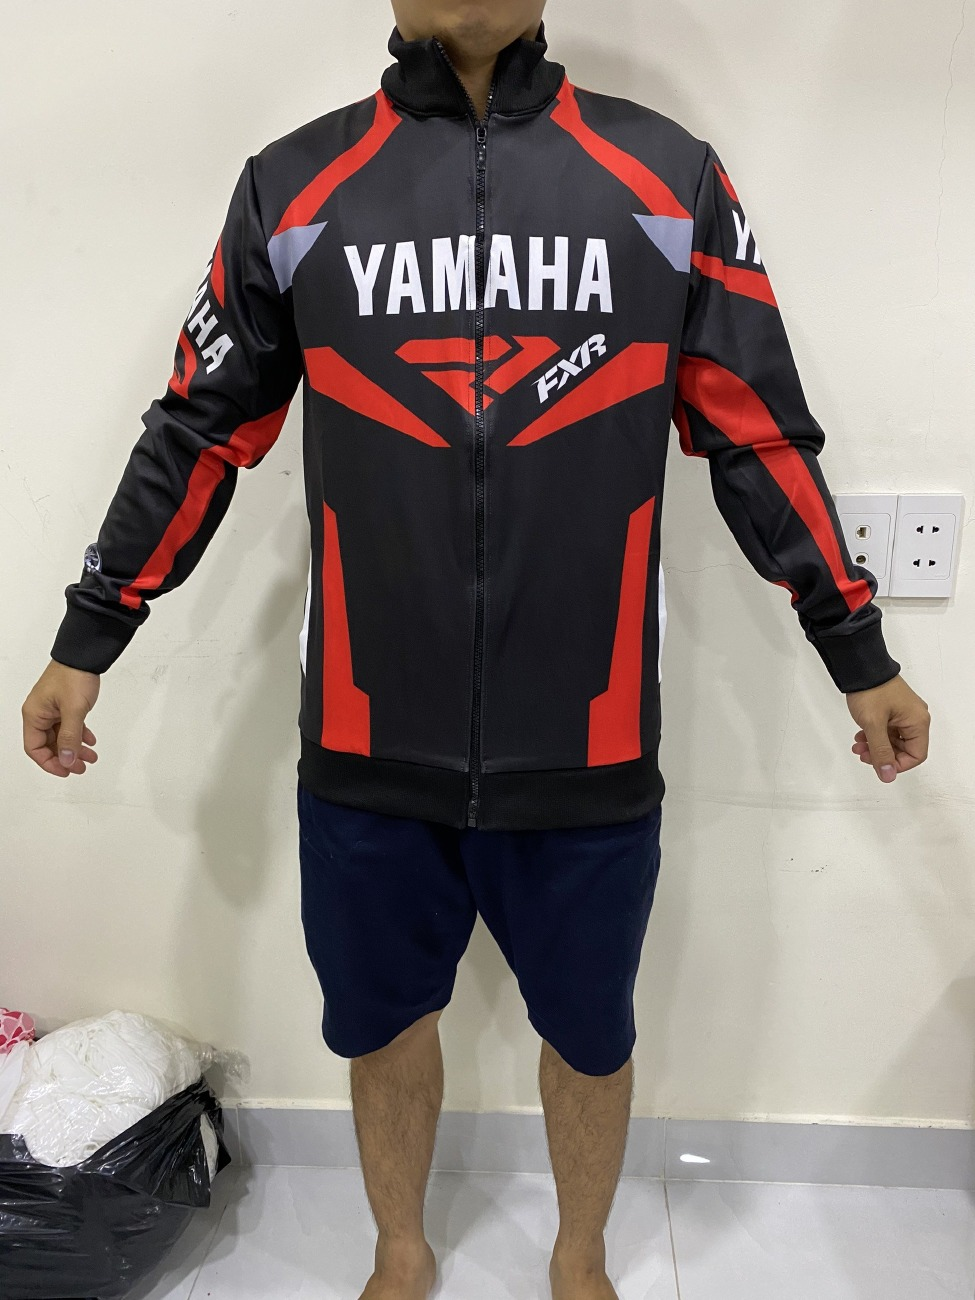 Chuyên đồng phục đi phượt bằng xe máy TPHCM - Áo gió Honda Racing, Yamaha Racing